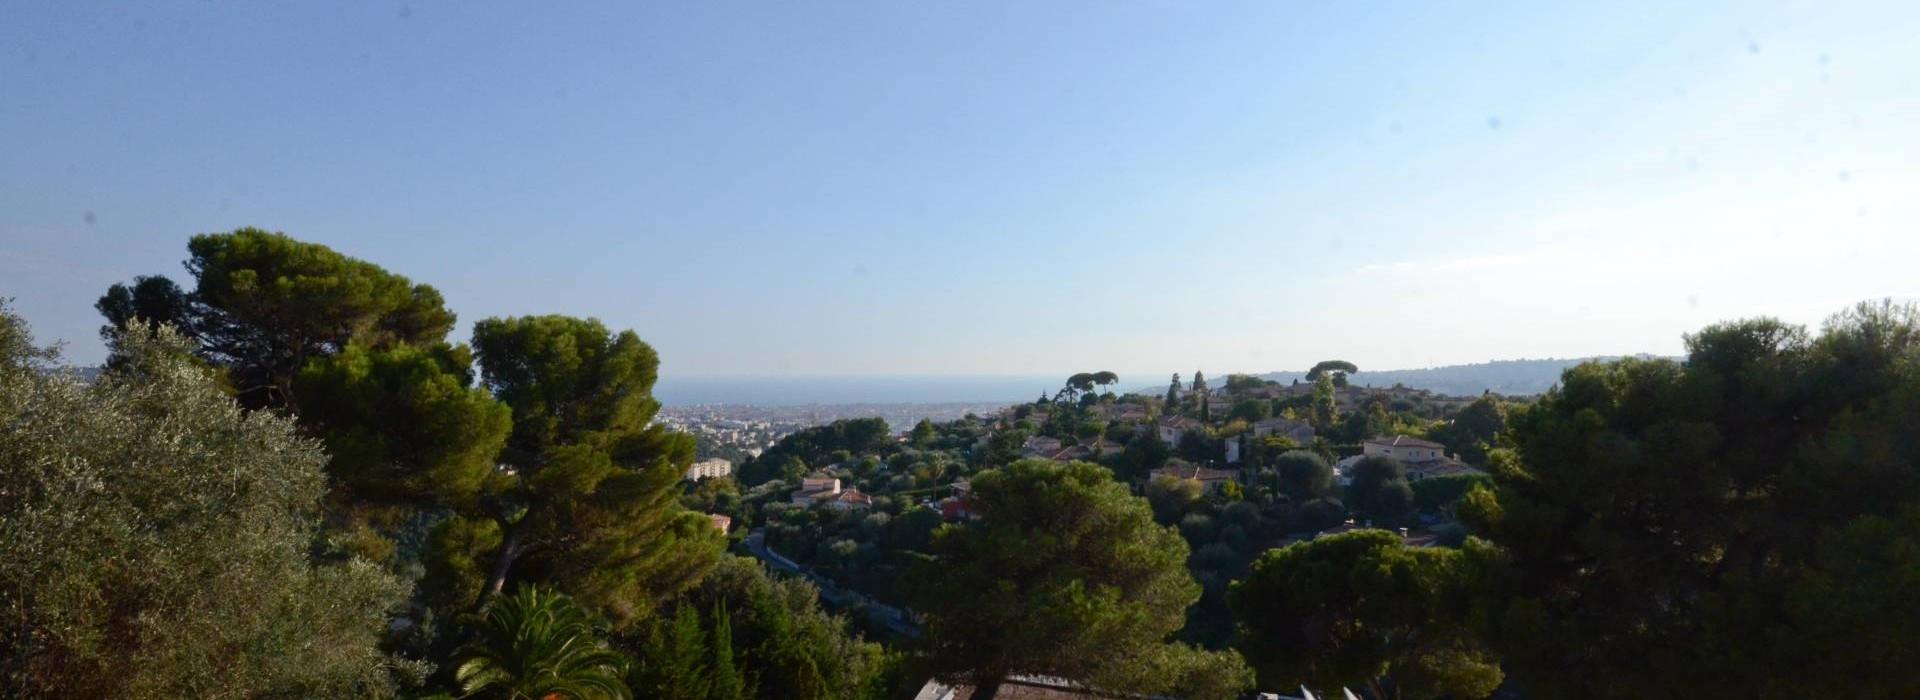 Maison Nice 5 Pièces 400m2 1,160,000€